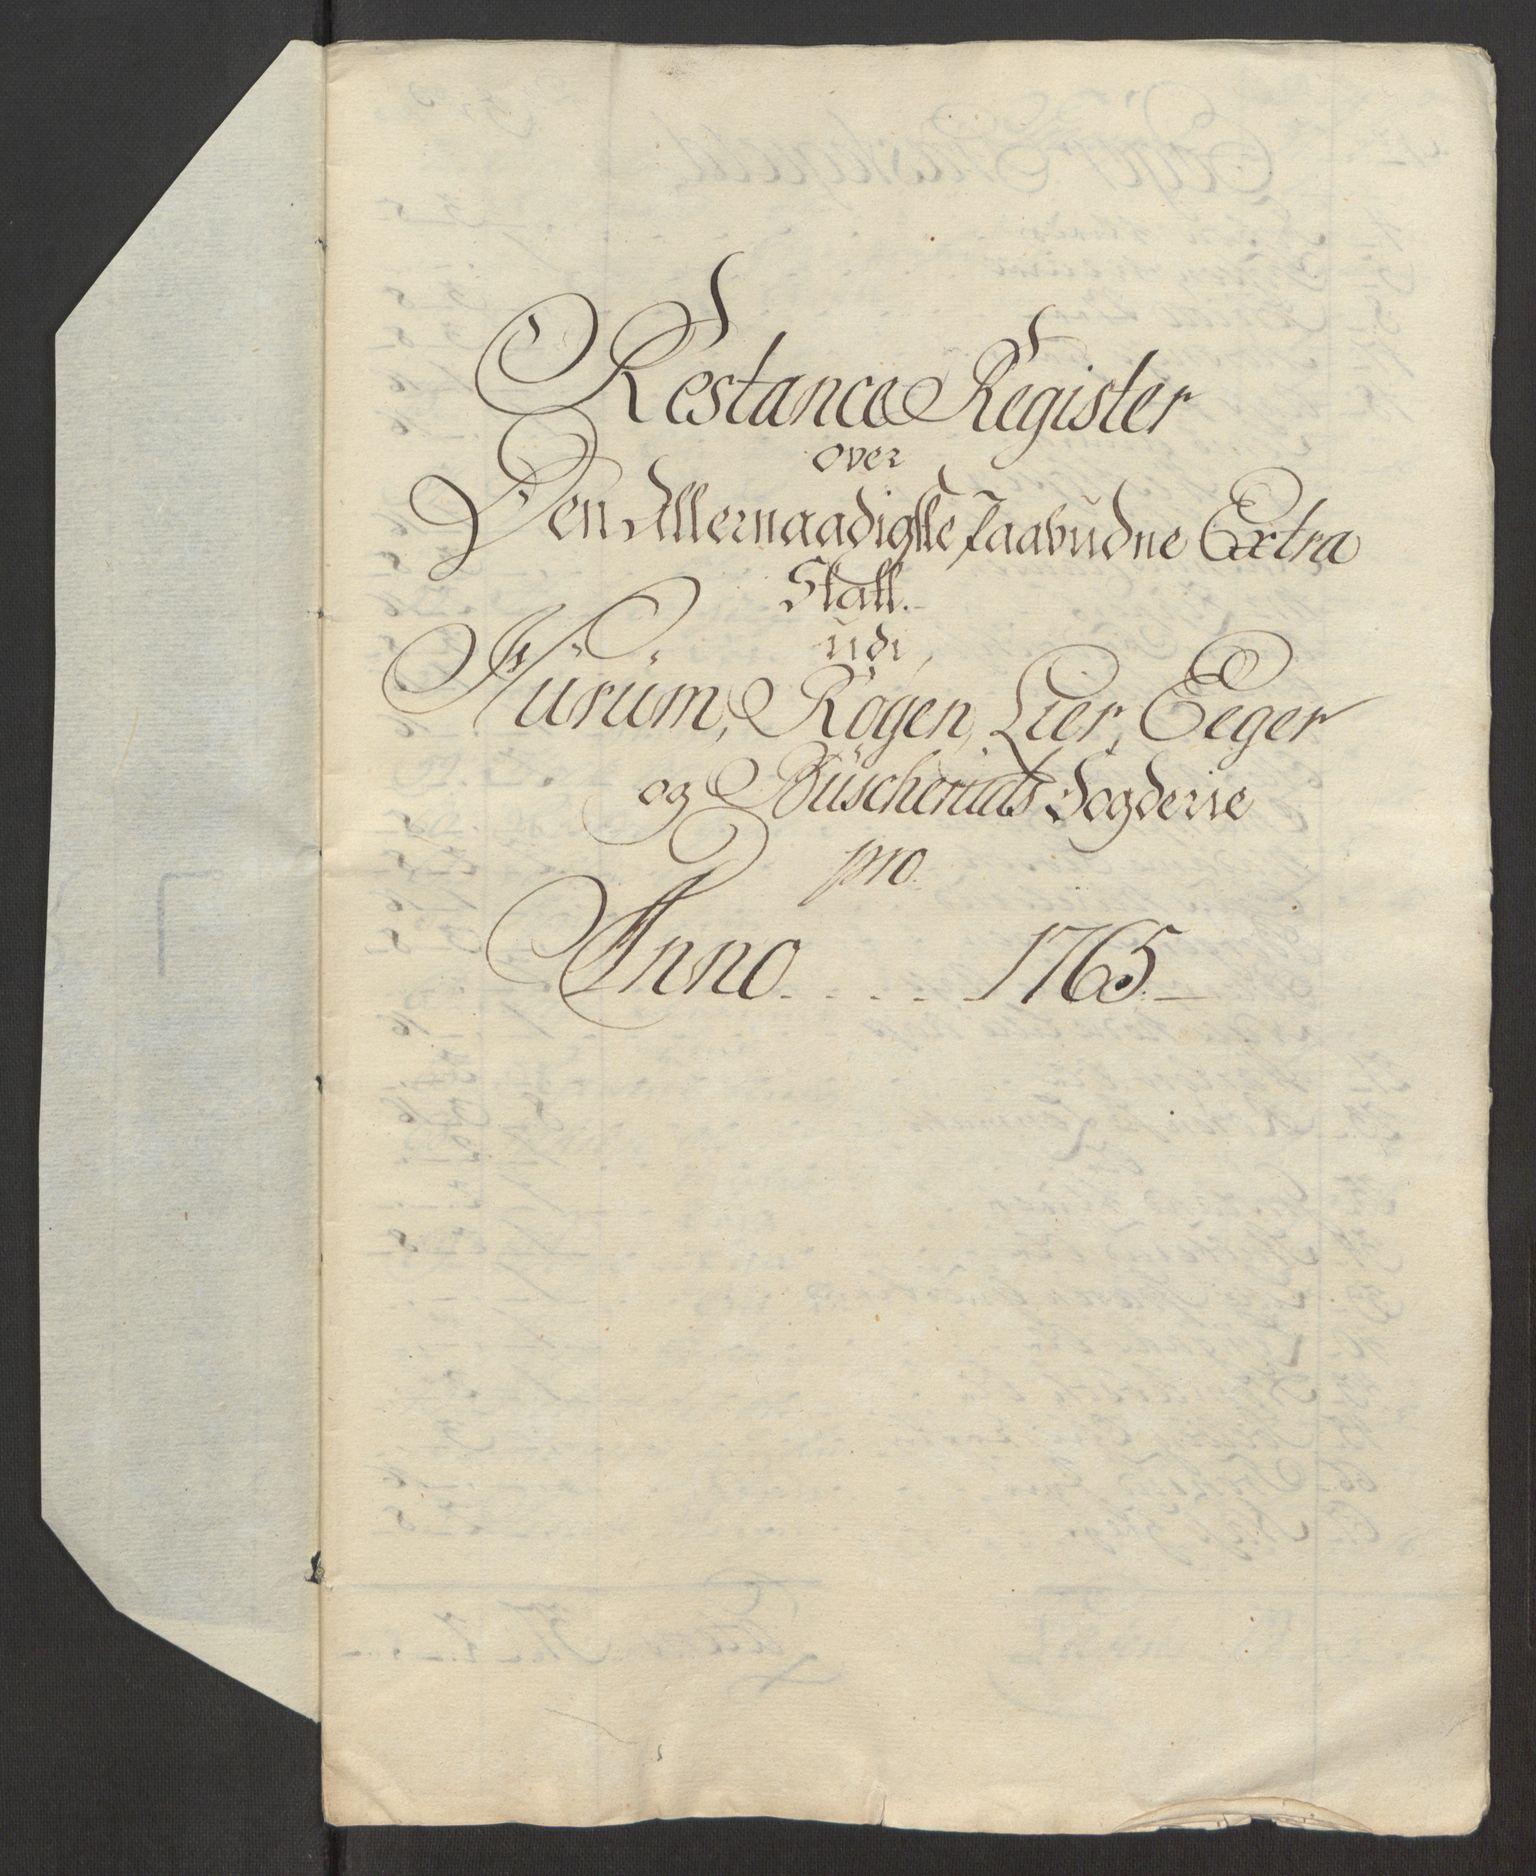 RA, Rentekammeret inntil 1814, Reviderte regnskaper, Fogderegnskap, R31/L1834: Ekstraskatten Hurum, Røyken, Eiker, Lier og Buskerud, 1765, s. 475